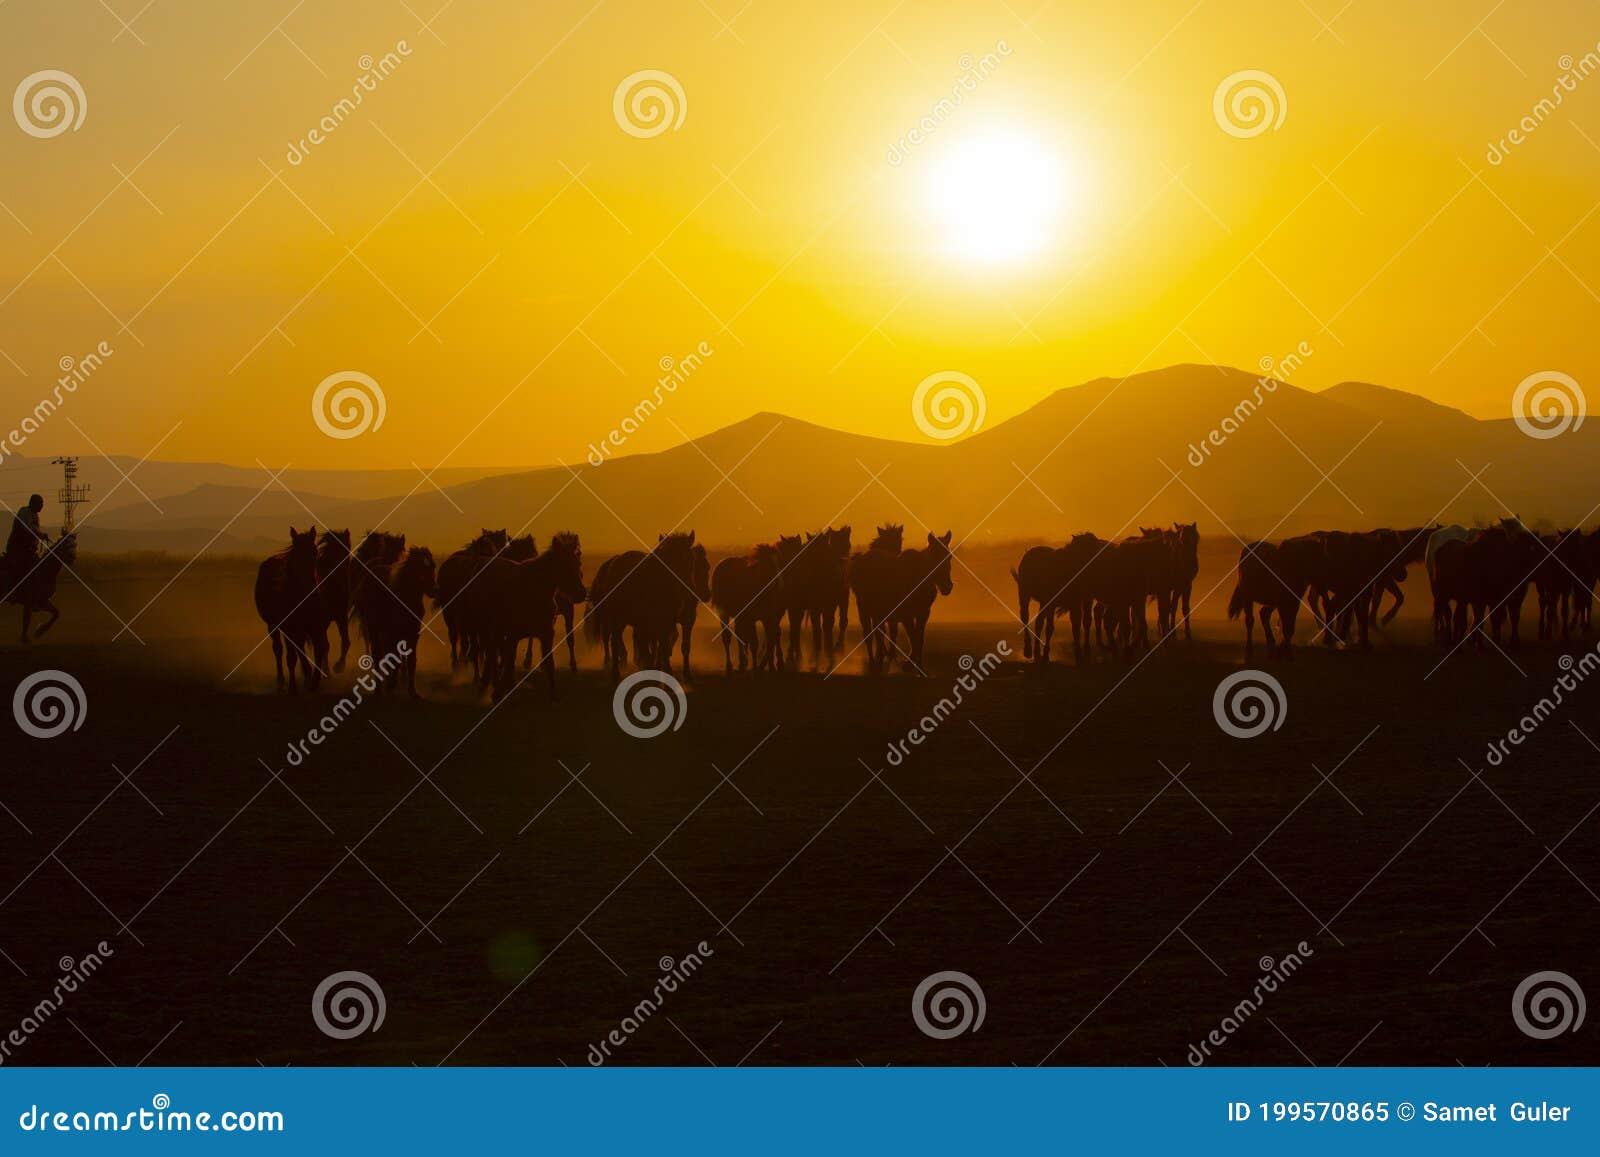 Wild Horses Running At Sunset Kayseri Turkey Stock Image Image Of Christmas Cowboy 199570865